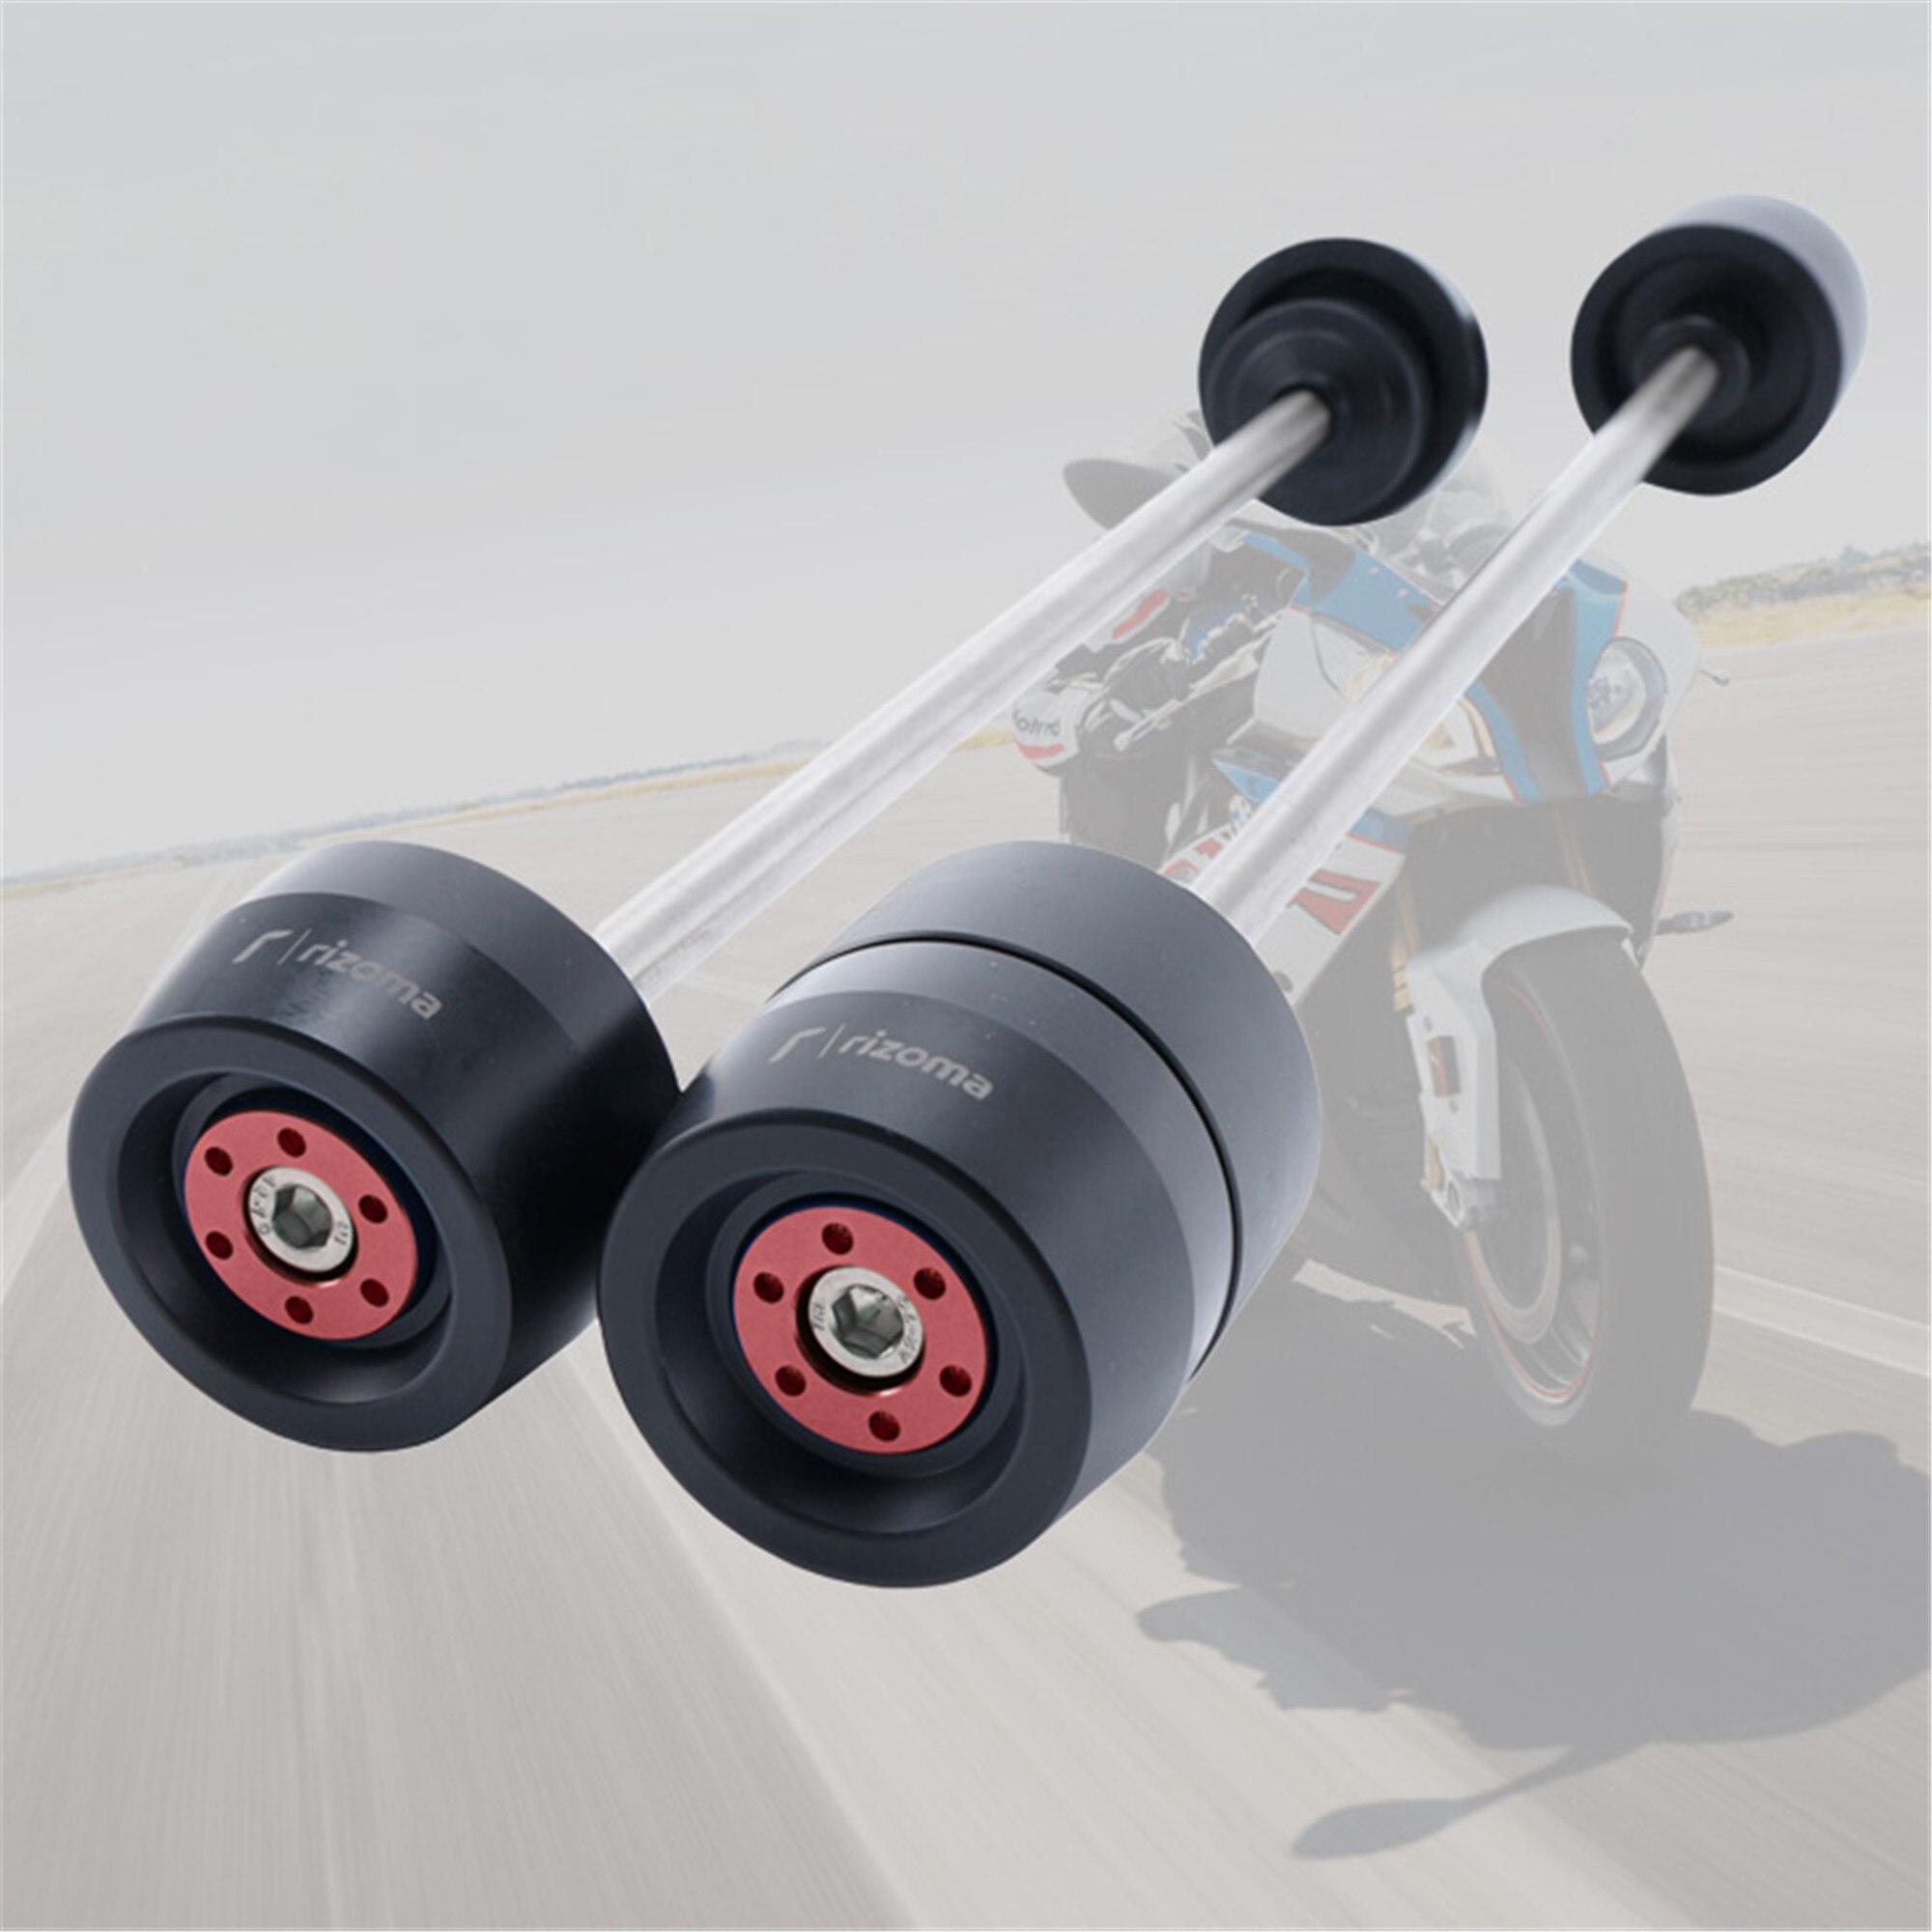 Для BMW S1000RR 2009 2010 2011 2012 2013 2014 2016 2017 2018 мотоциклетные передние и задние осевые ползунки защита колес